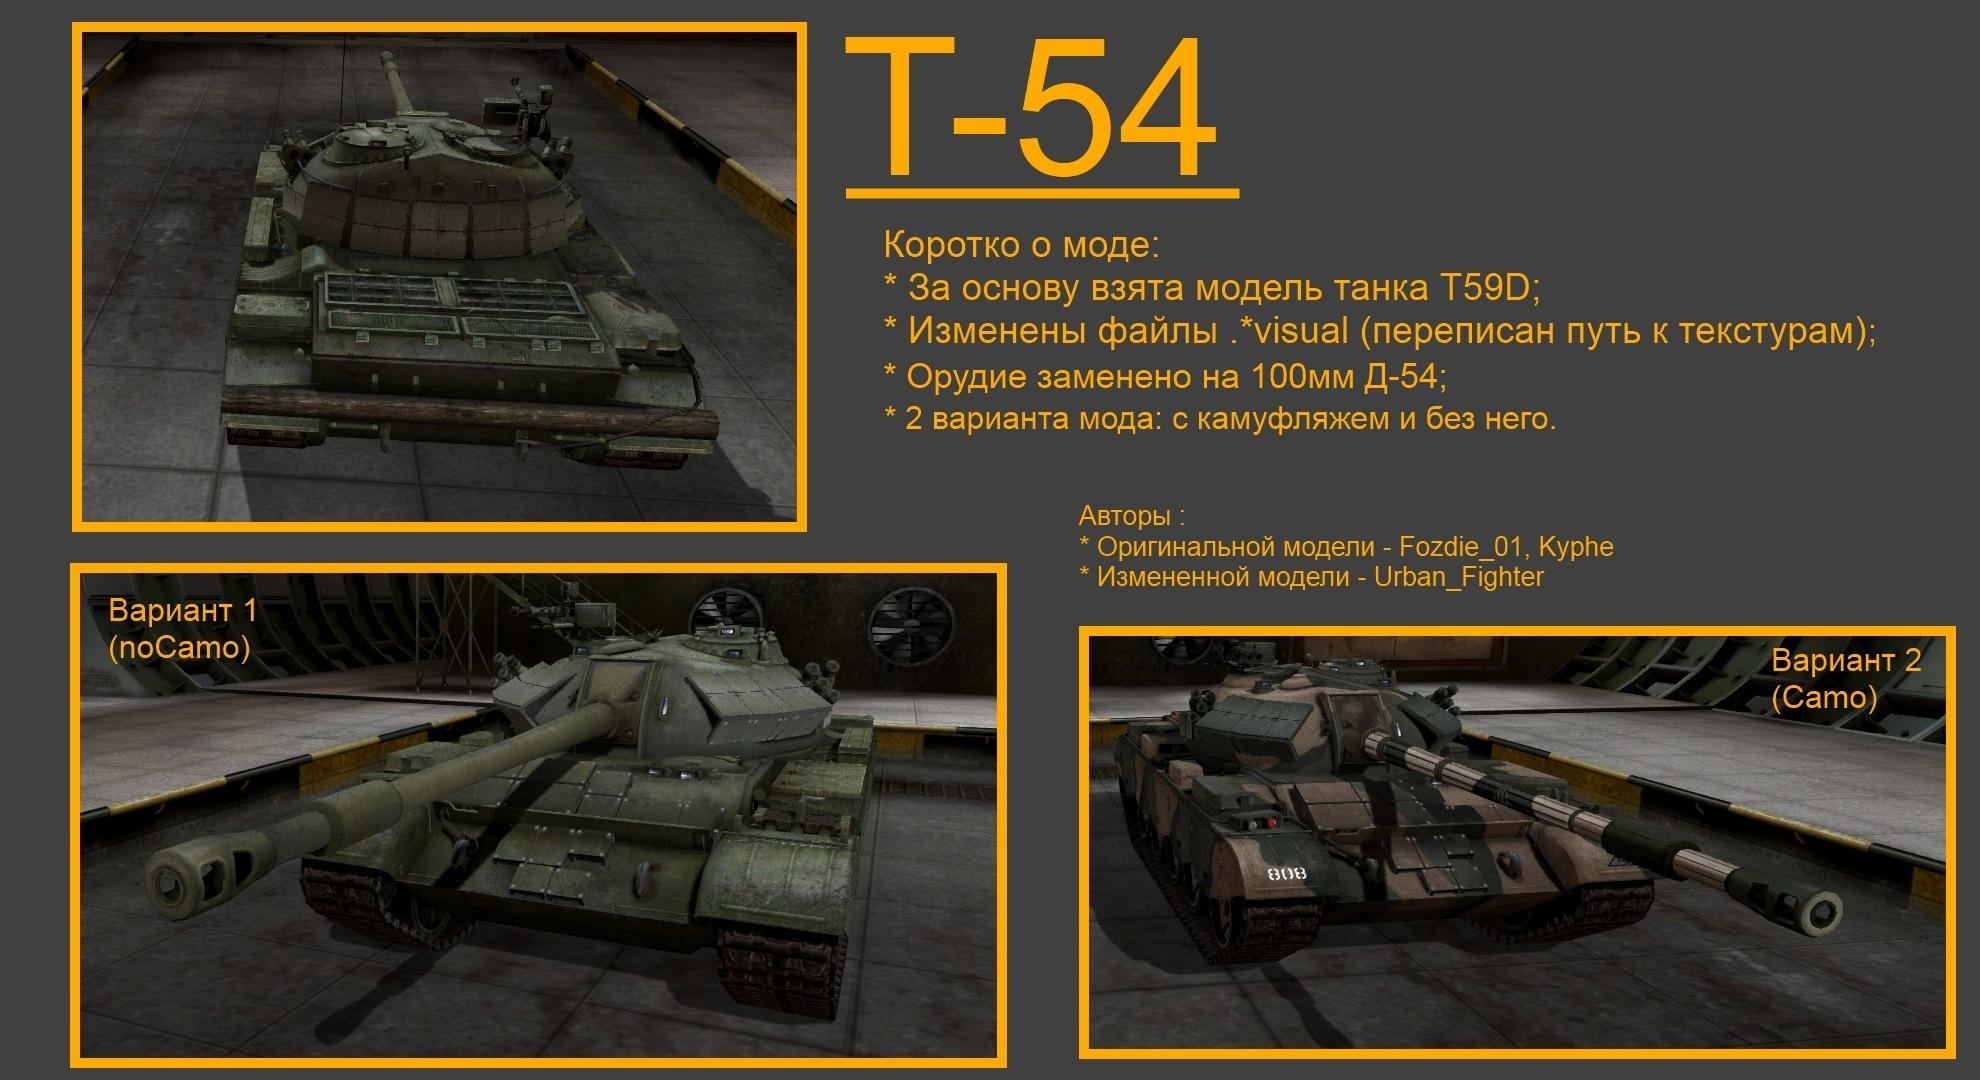 Т54 шкурка №154